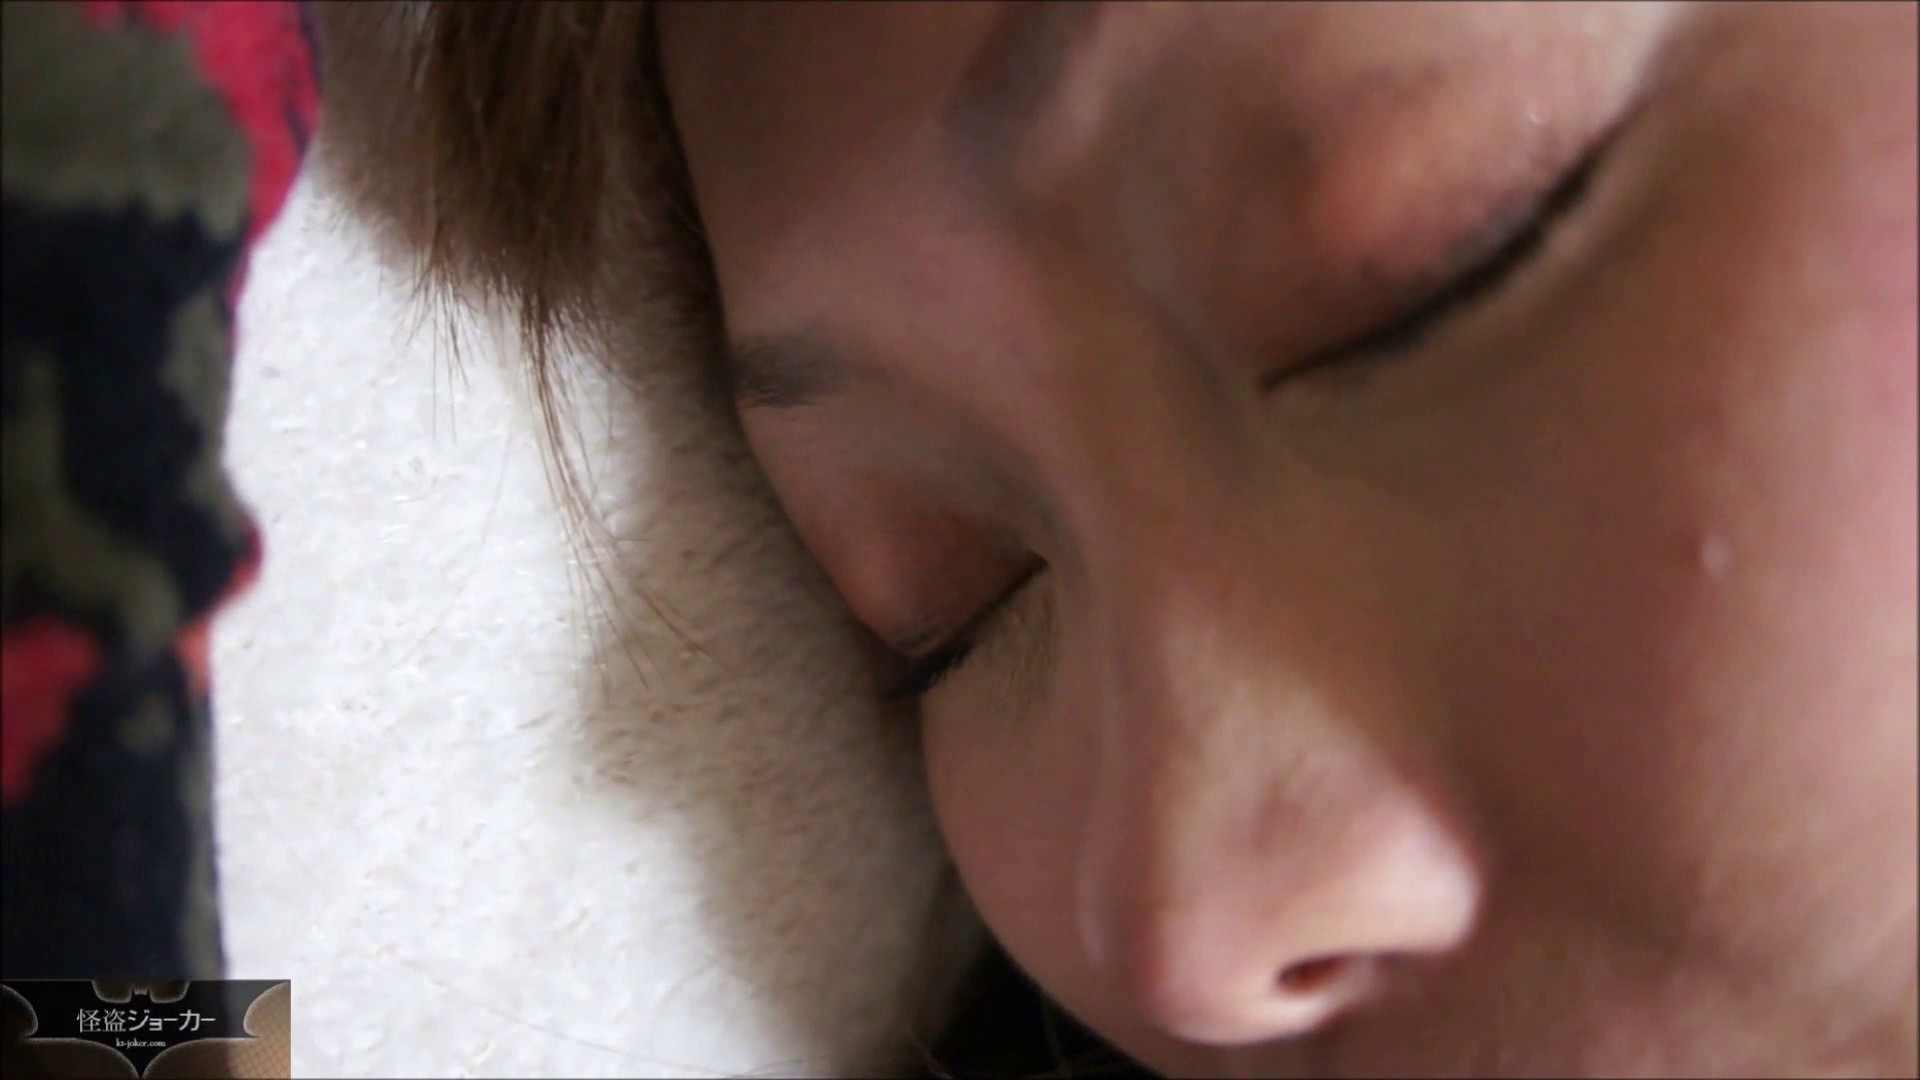 【未公開】vol.2 妻の友人、美里さん・・・晩酌の後、人妻の体を。 魅力  58pic 30